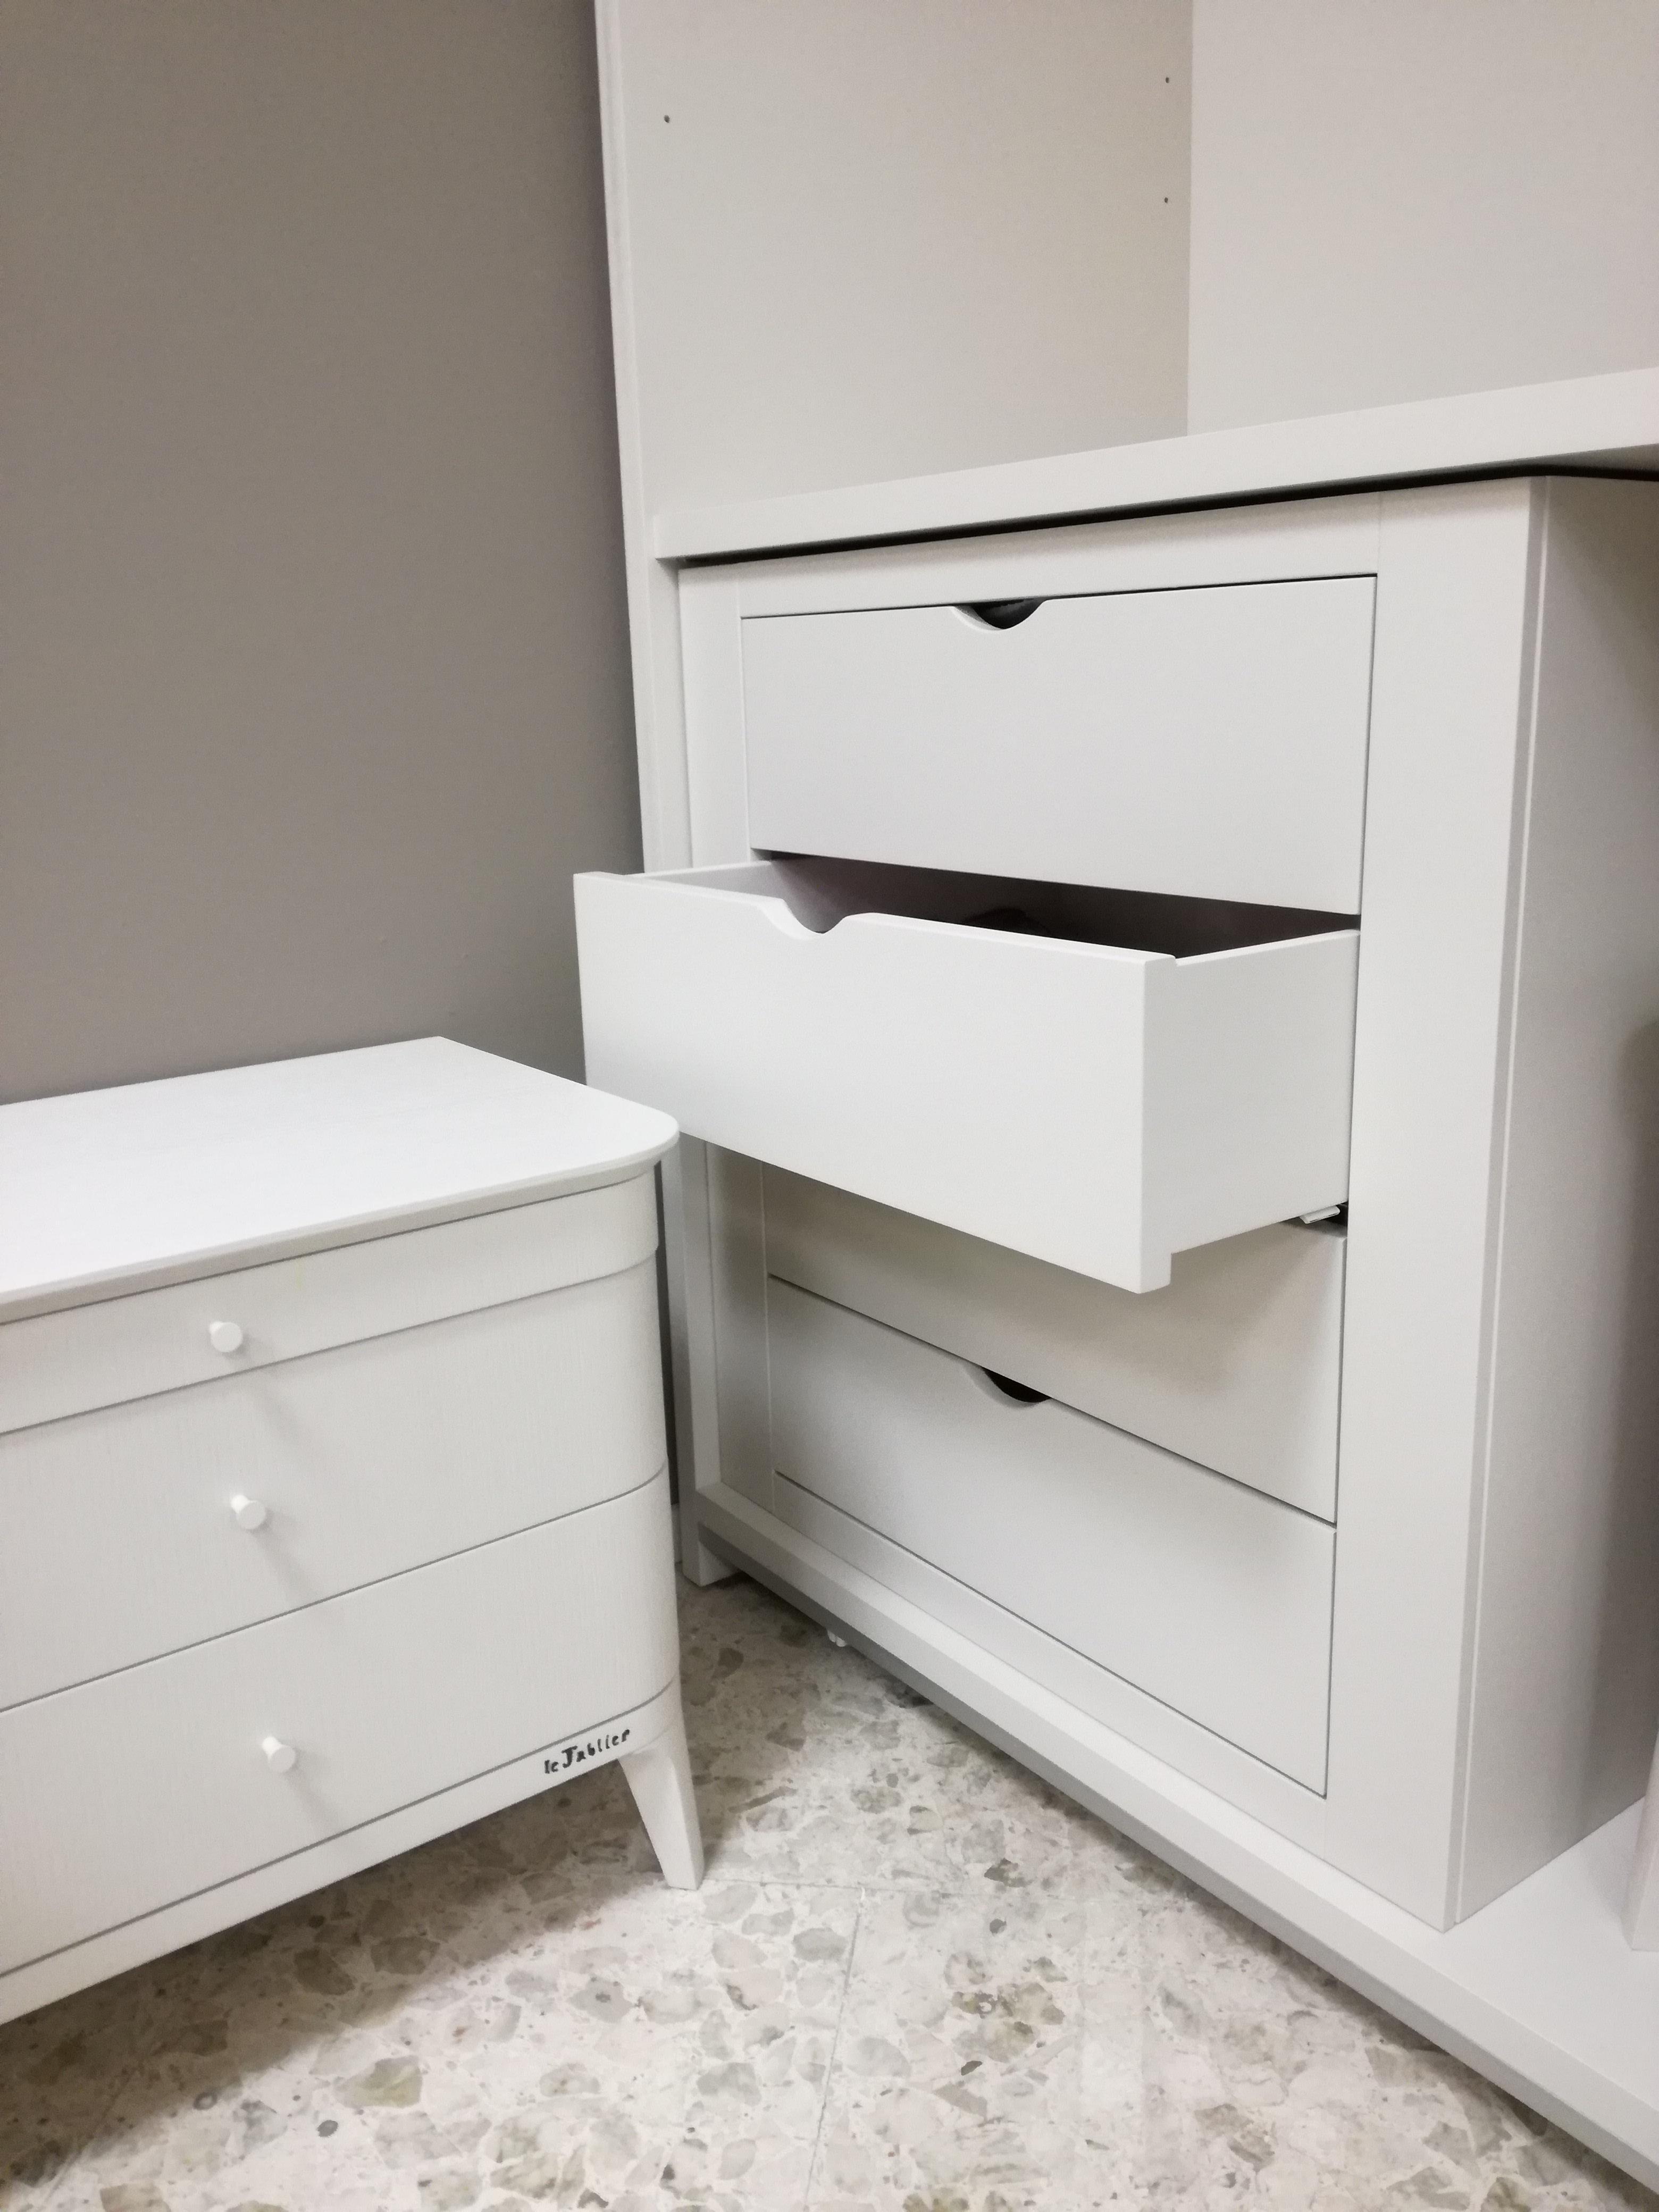 Le fablier camera da letto mod melograno camere a prezzi scontati - Le fablier prezzi camere da letto ...